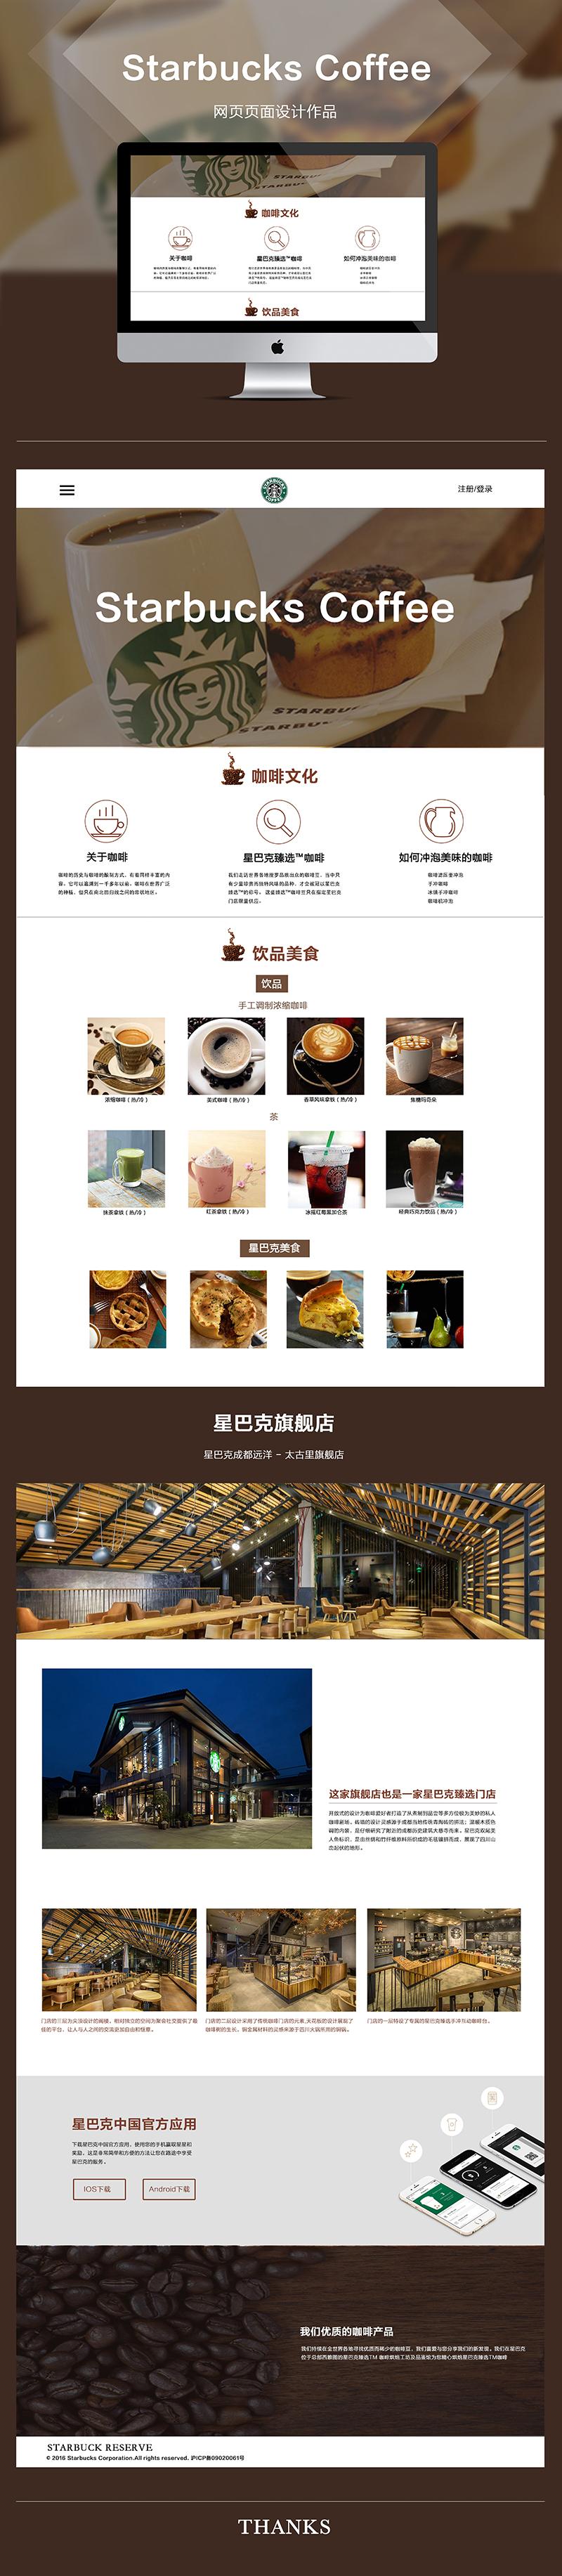 星巴克咖啡网页页面改造设计|企业官网|网页|sophia图片